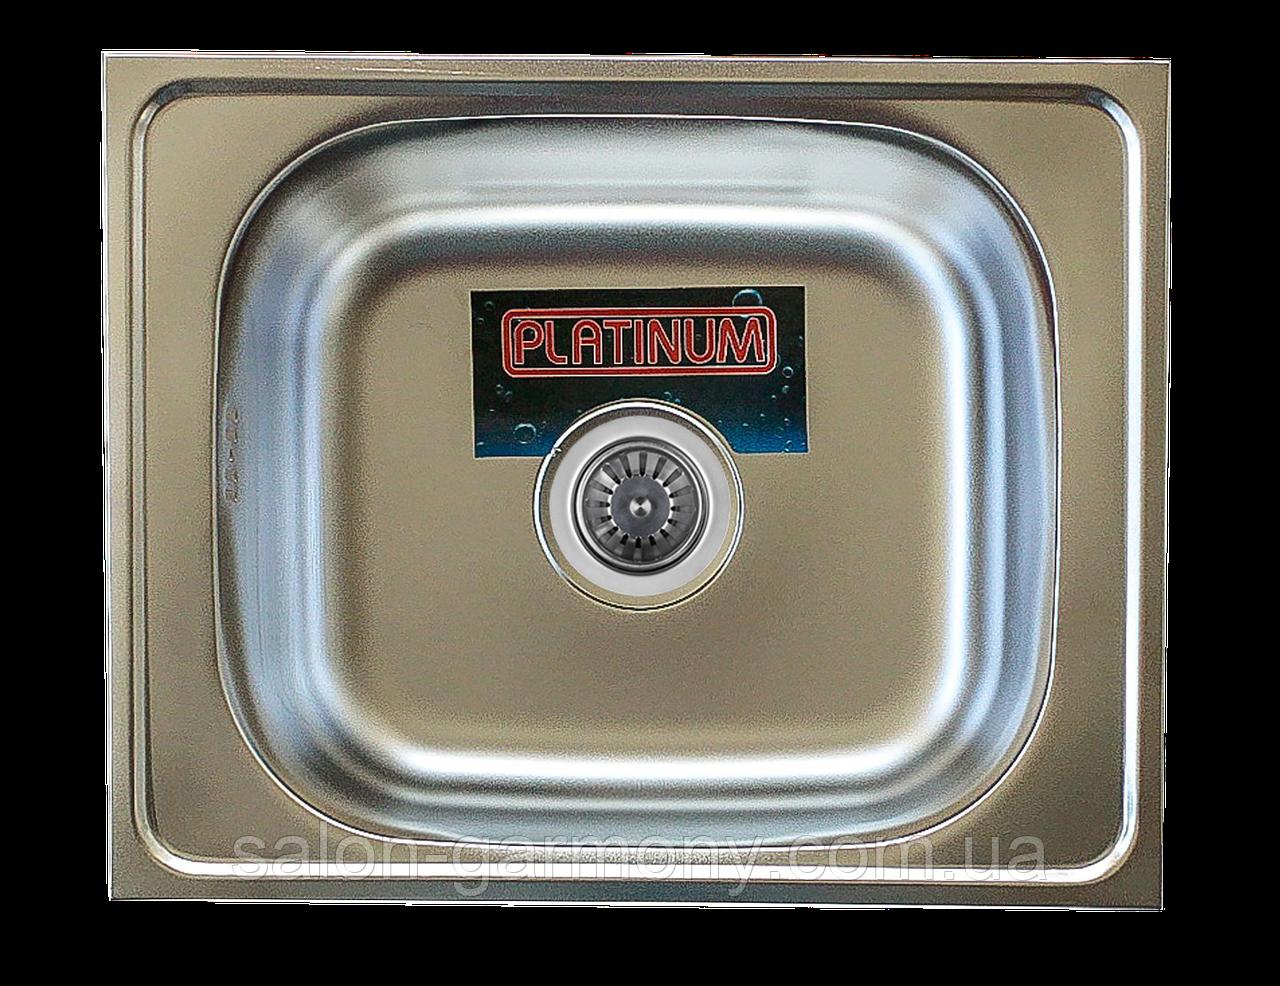 Кухонная мойка из нержавеющей стали Platinum 4050 САТИН 0,7 / 160